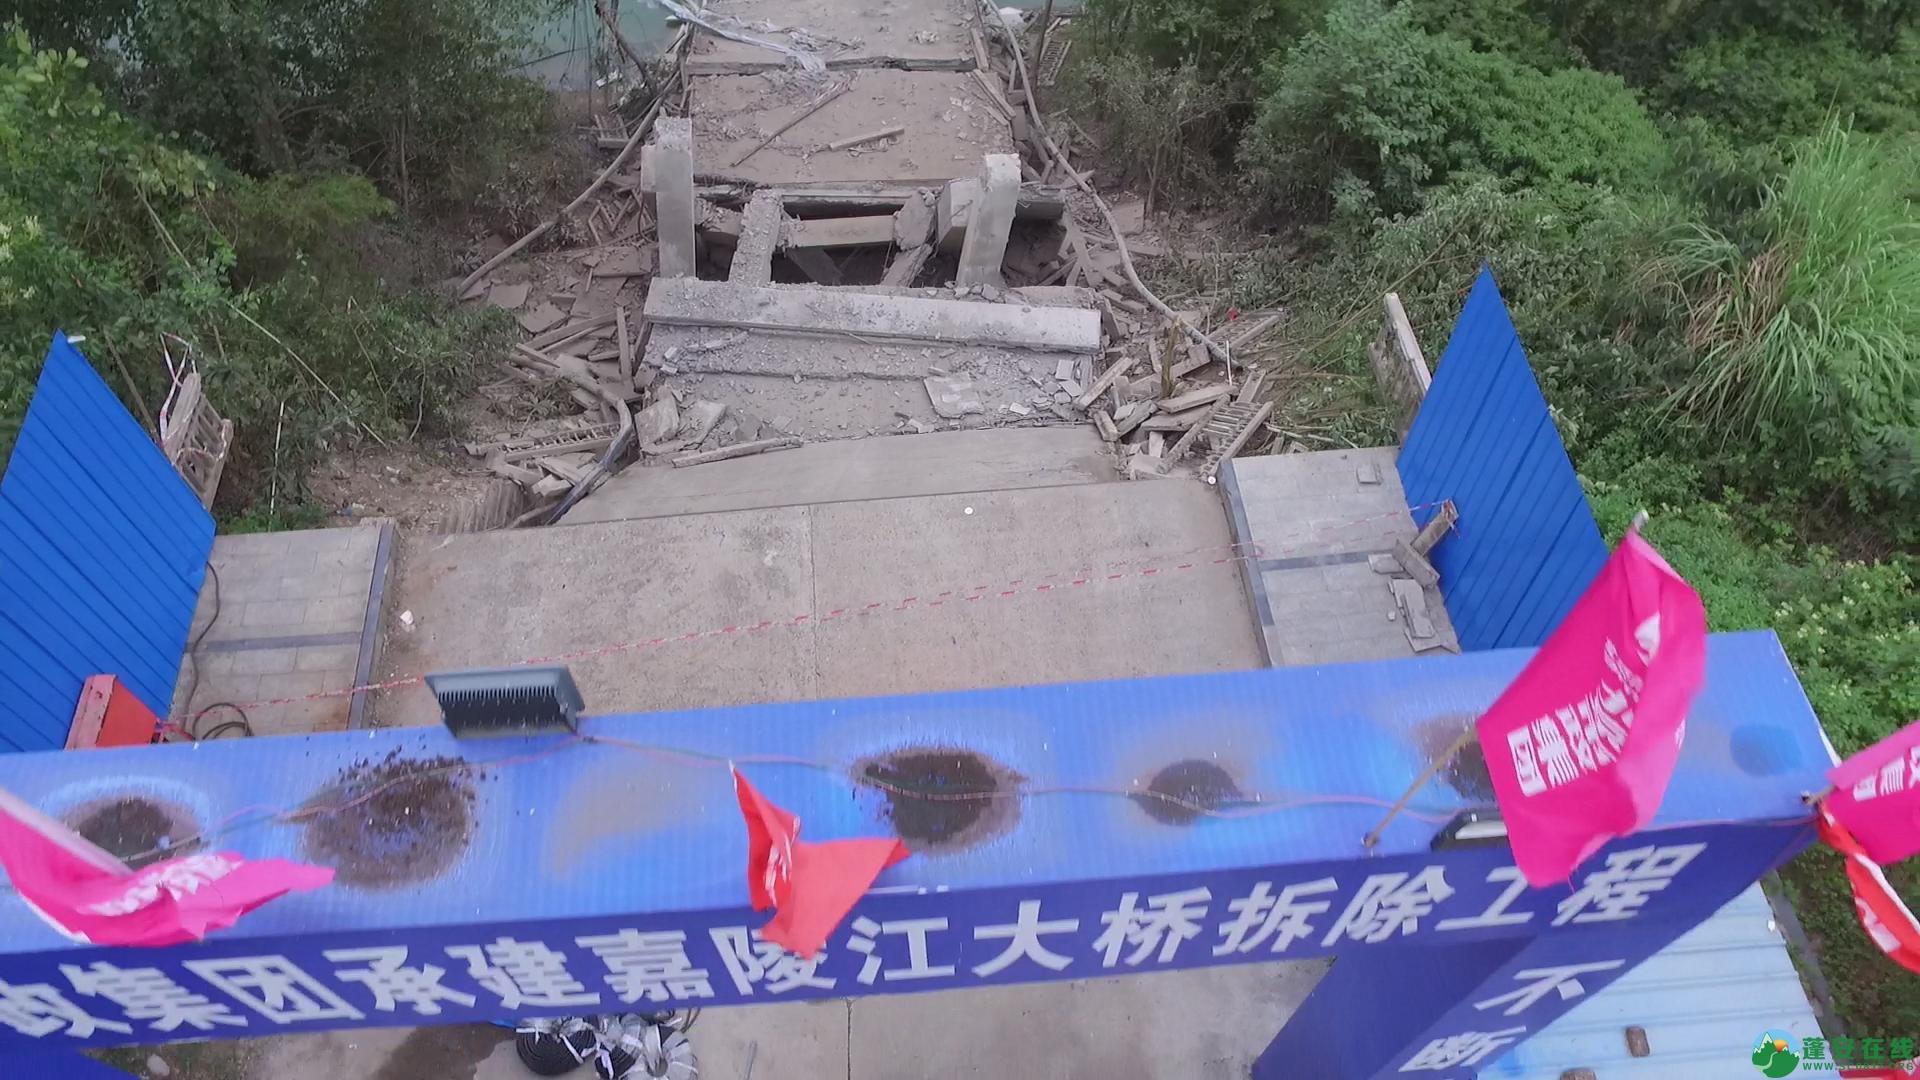 蓬安嘉陵江一桥成功爆破拆除 - 第6张  | 蓬安在线